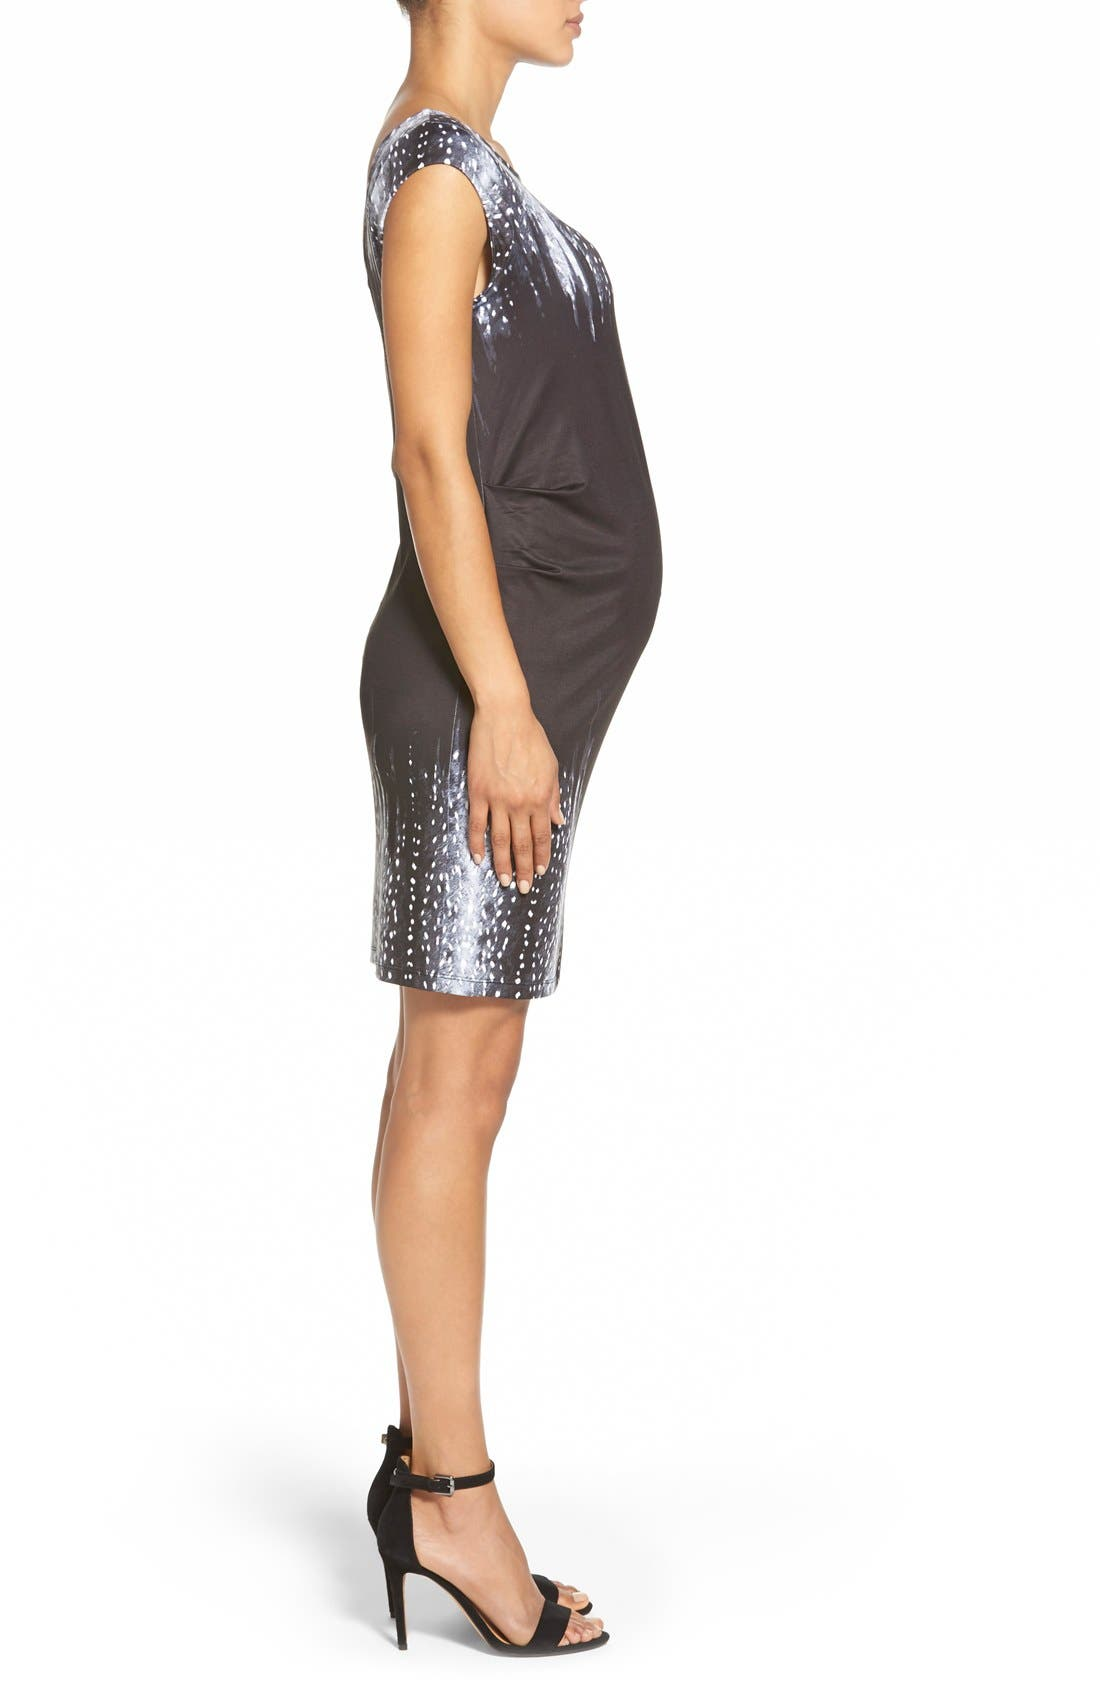 TART MATERNITY, 'Jillian' Cap Sleeve Maternity Dress, Alternate thumbnail 3, color, FAWN BORDER